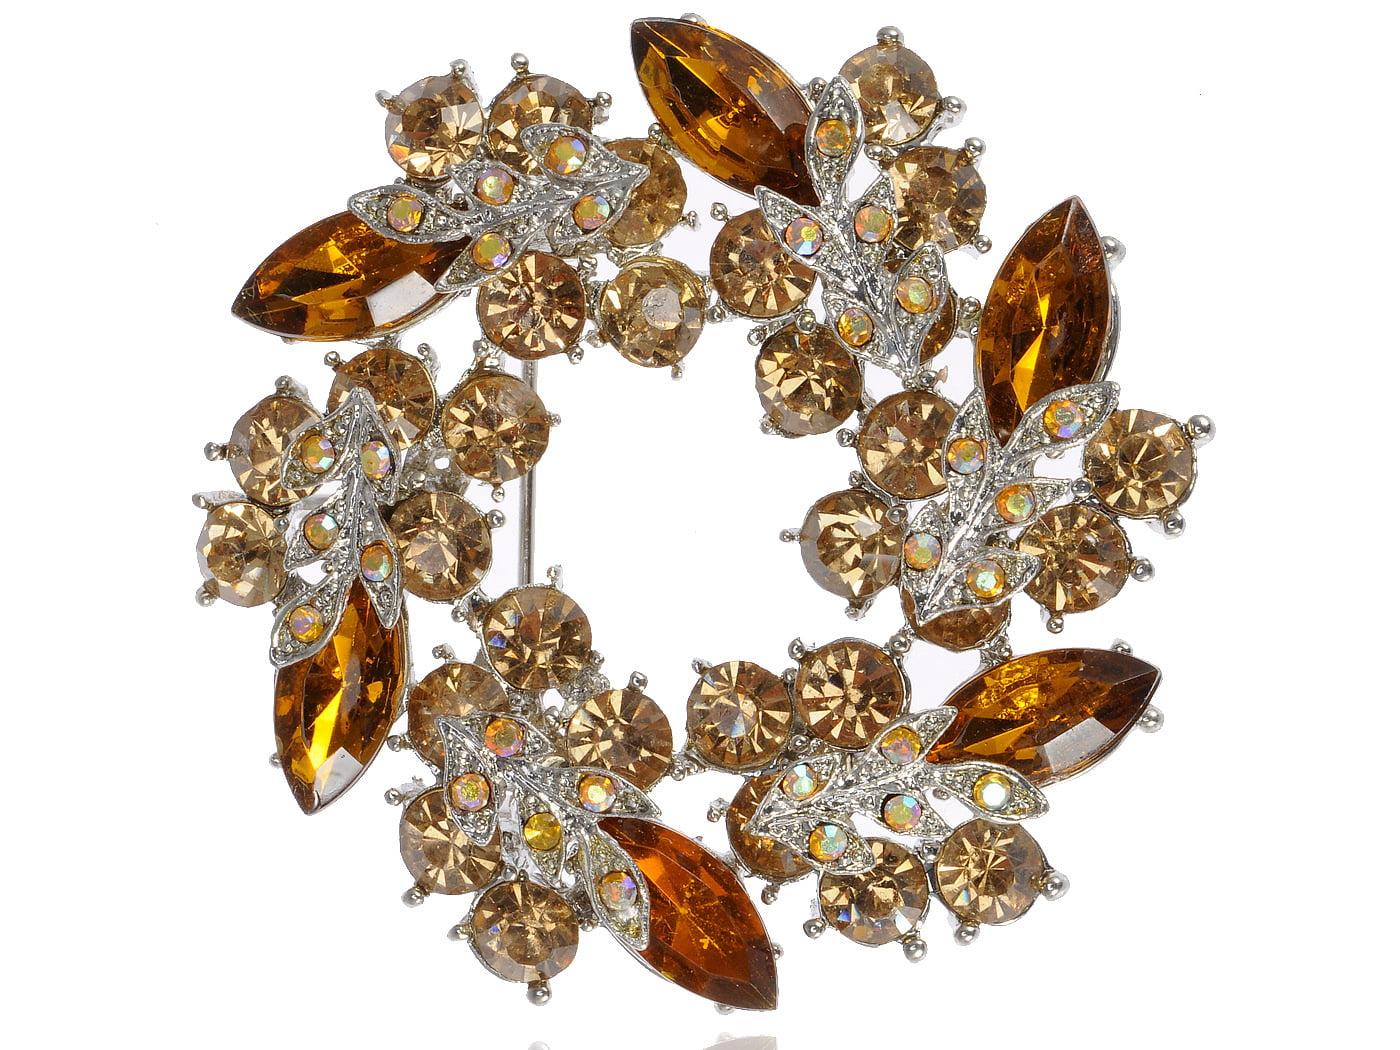 Amber Topaz Crystal Rhinestone Floral Flower Leaf Reef Craft Fashion Brooch Pin by